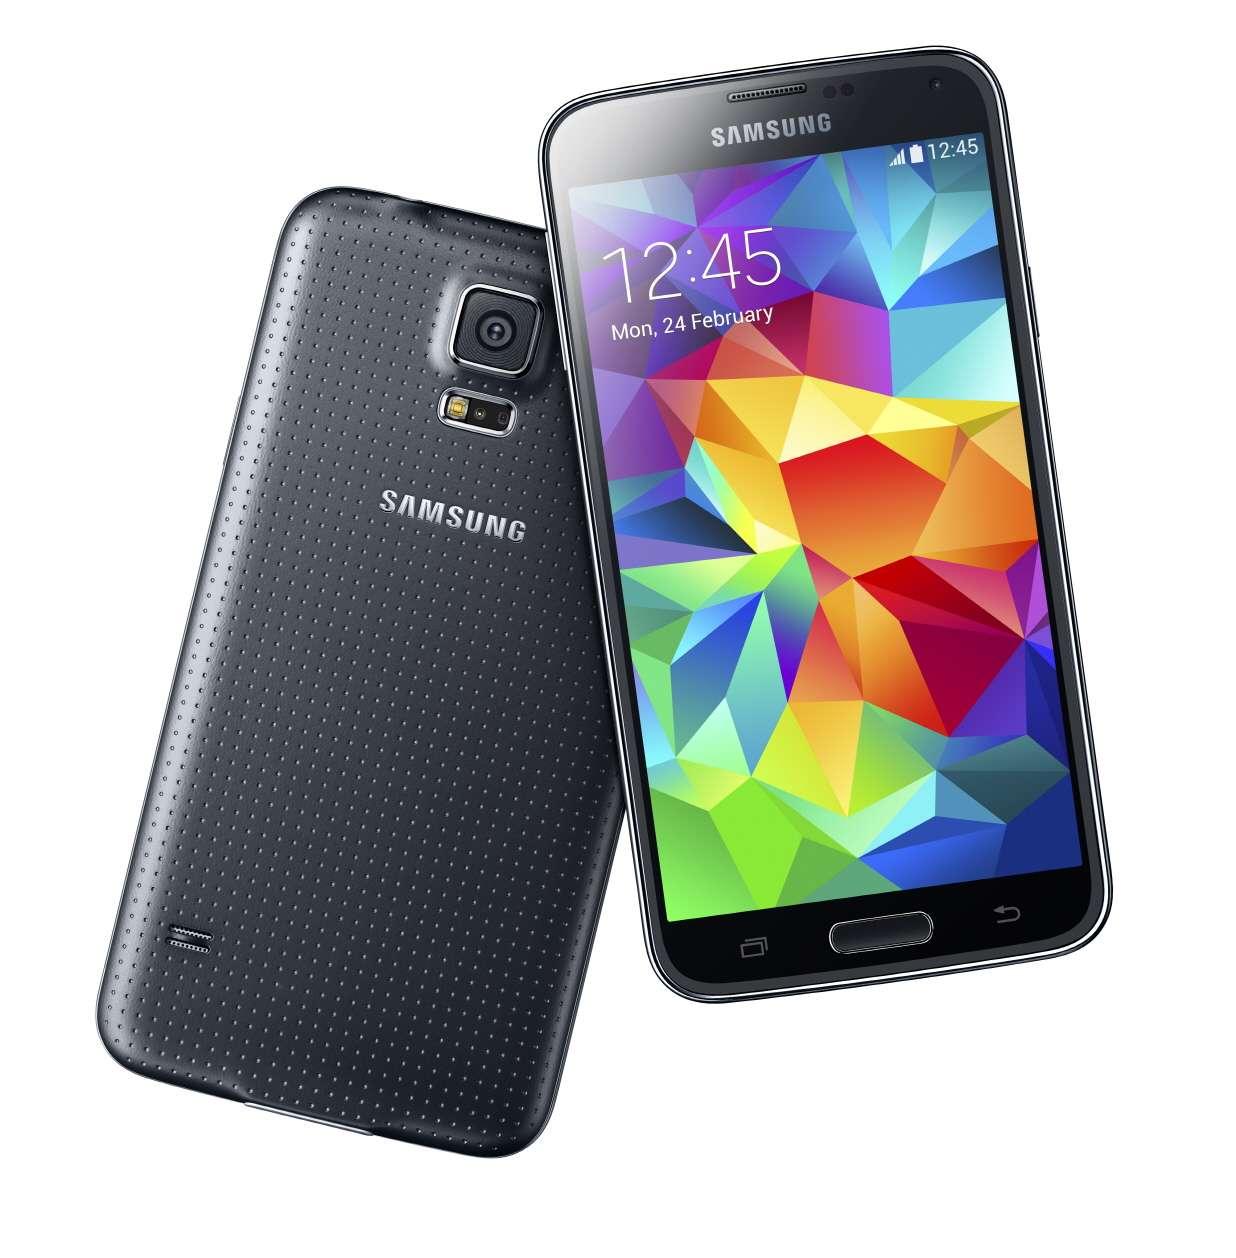 Durant des mois, de très nombreuses rumeurs ont circulé à propos du Galaxy S5. Elles se sont presque toutes révélées fausses. Seule l'introduction d'un lecteur d'empreintes digitales s'est finalement confirmée. Samsung a préféré jouer la carte de l'ergonomie en travaillant mieux l'adéquation entre les performances techniques et les fonctionnalités. © Samsung